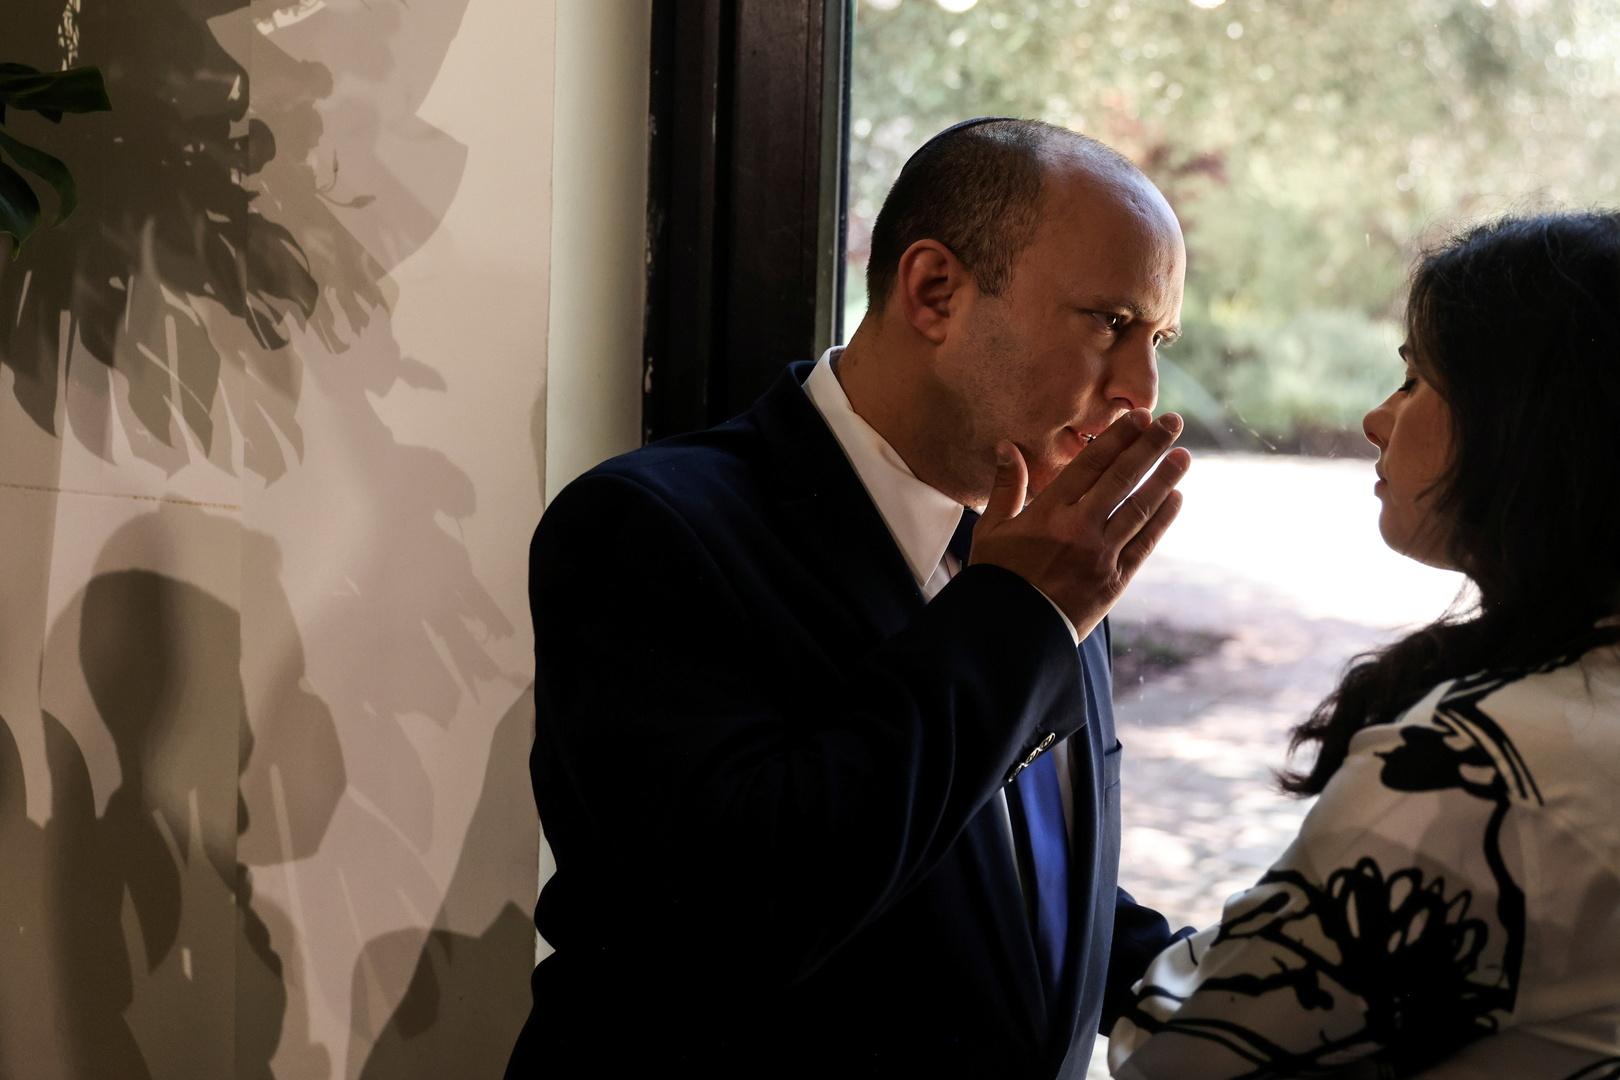 نفتالي بينيت رئيس الحكومة الإسرائيلية